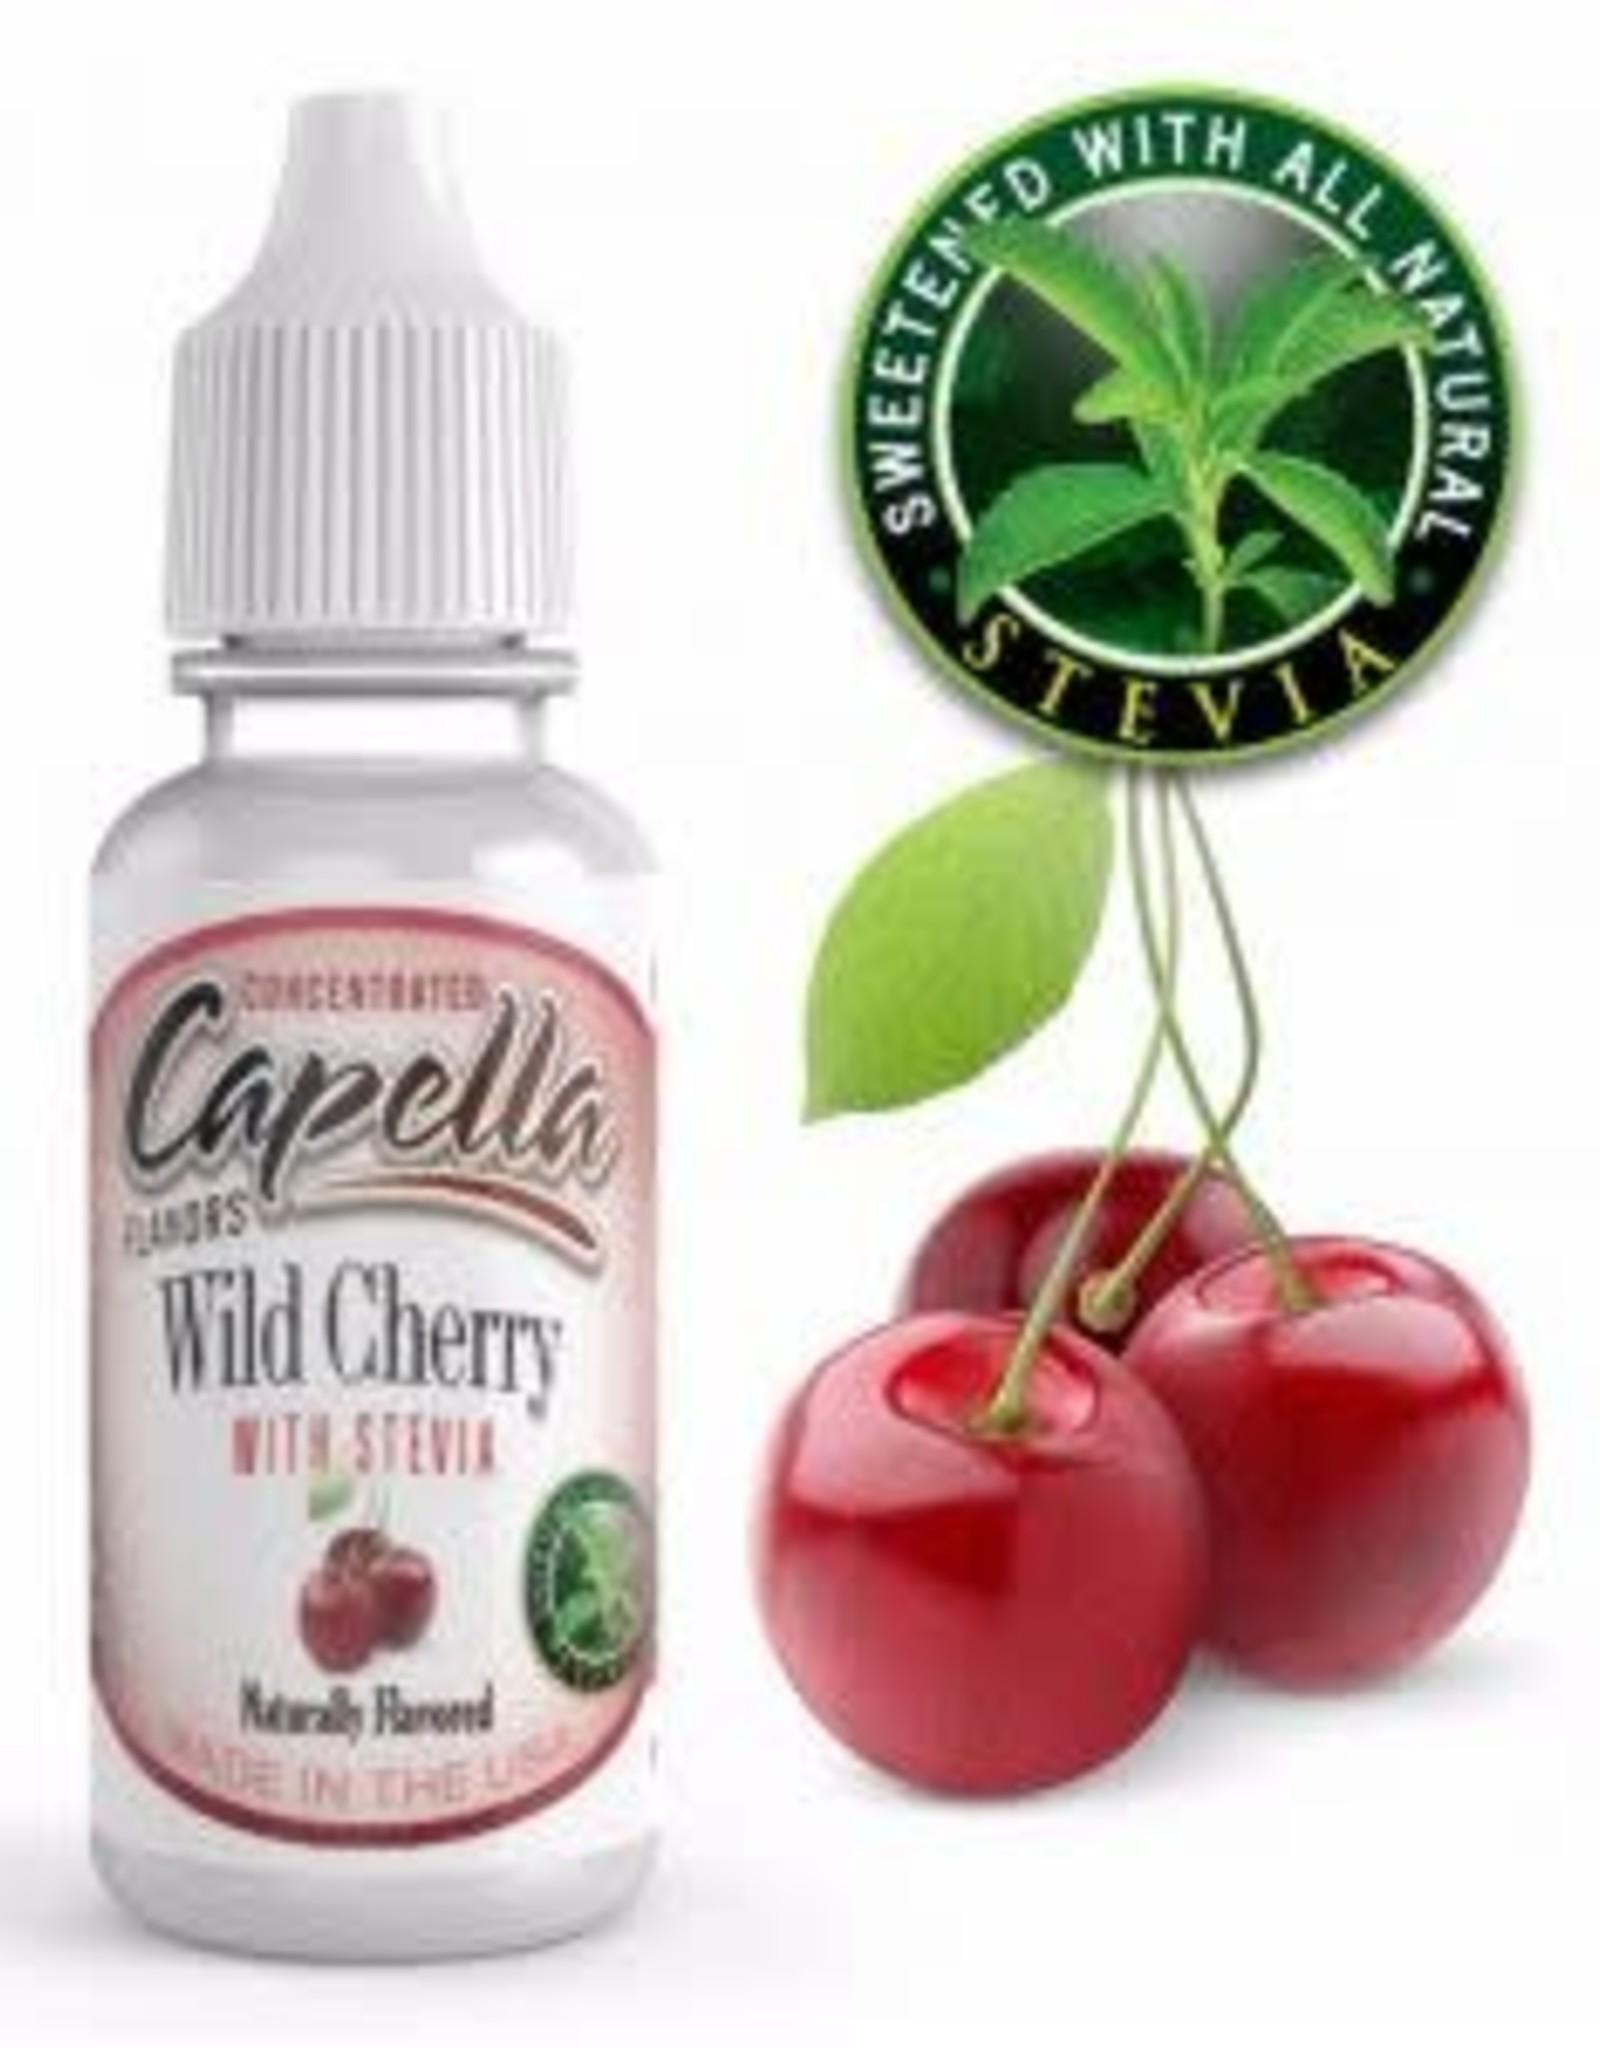 Capella Capella - Wild Cherry mit Stevia Aroma 13ml